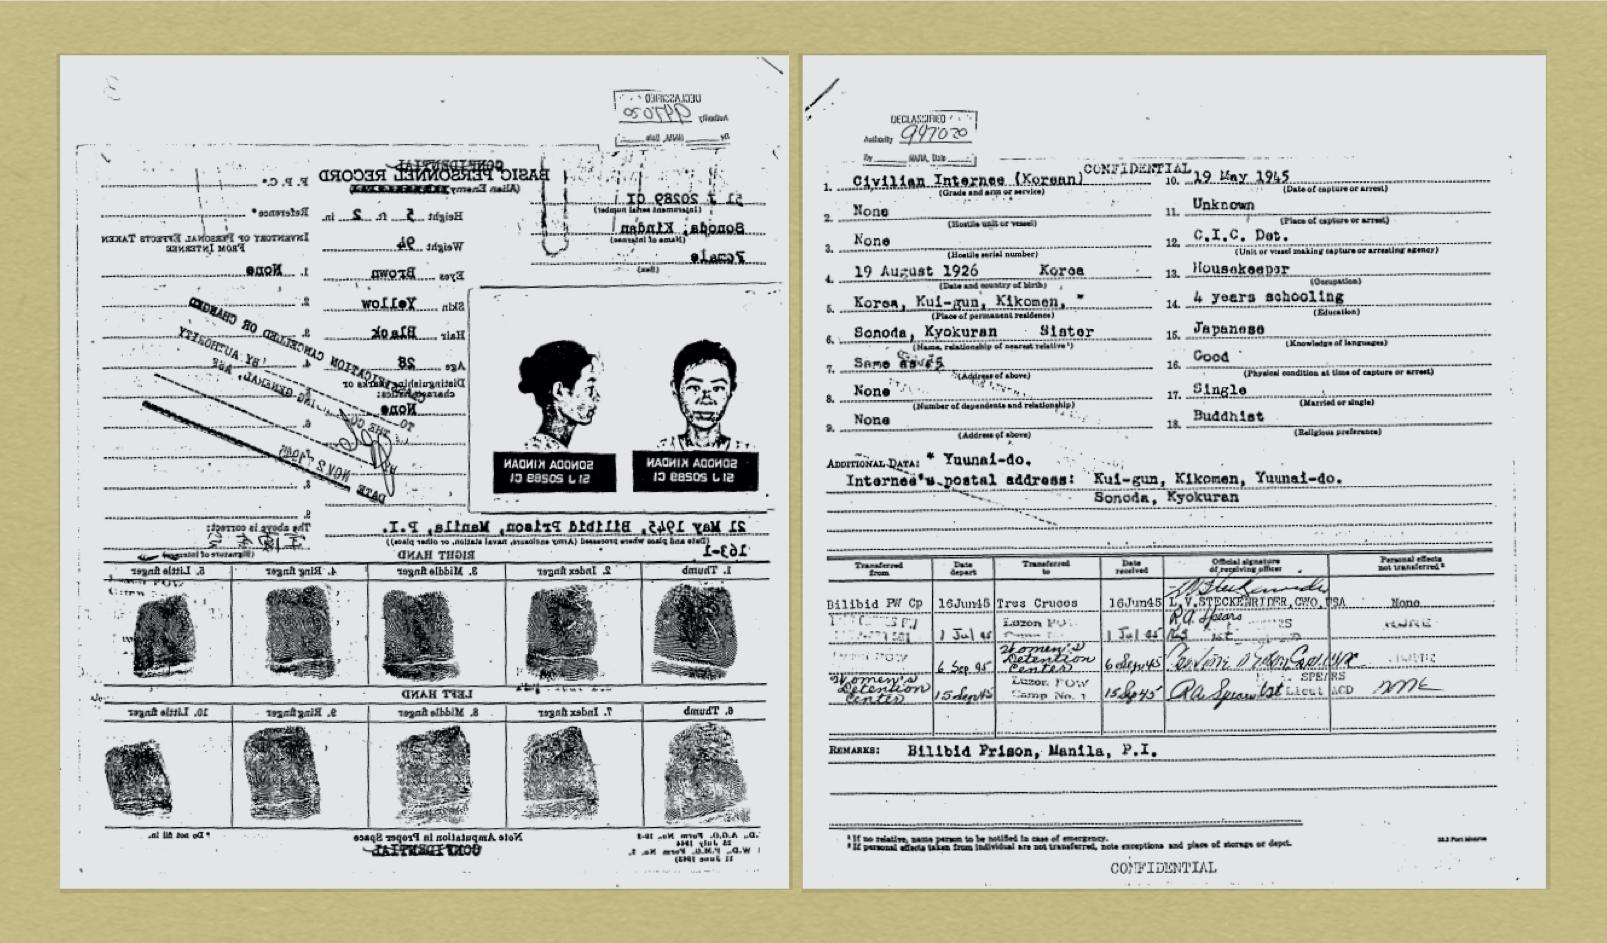 <그림 4> 필리핀 포로수용소 명부